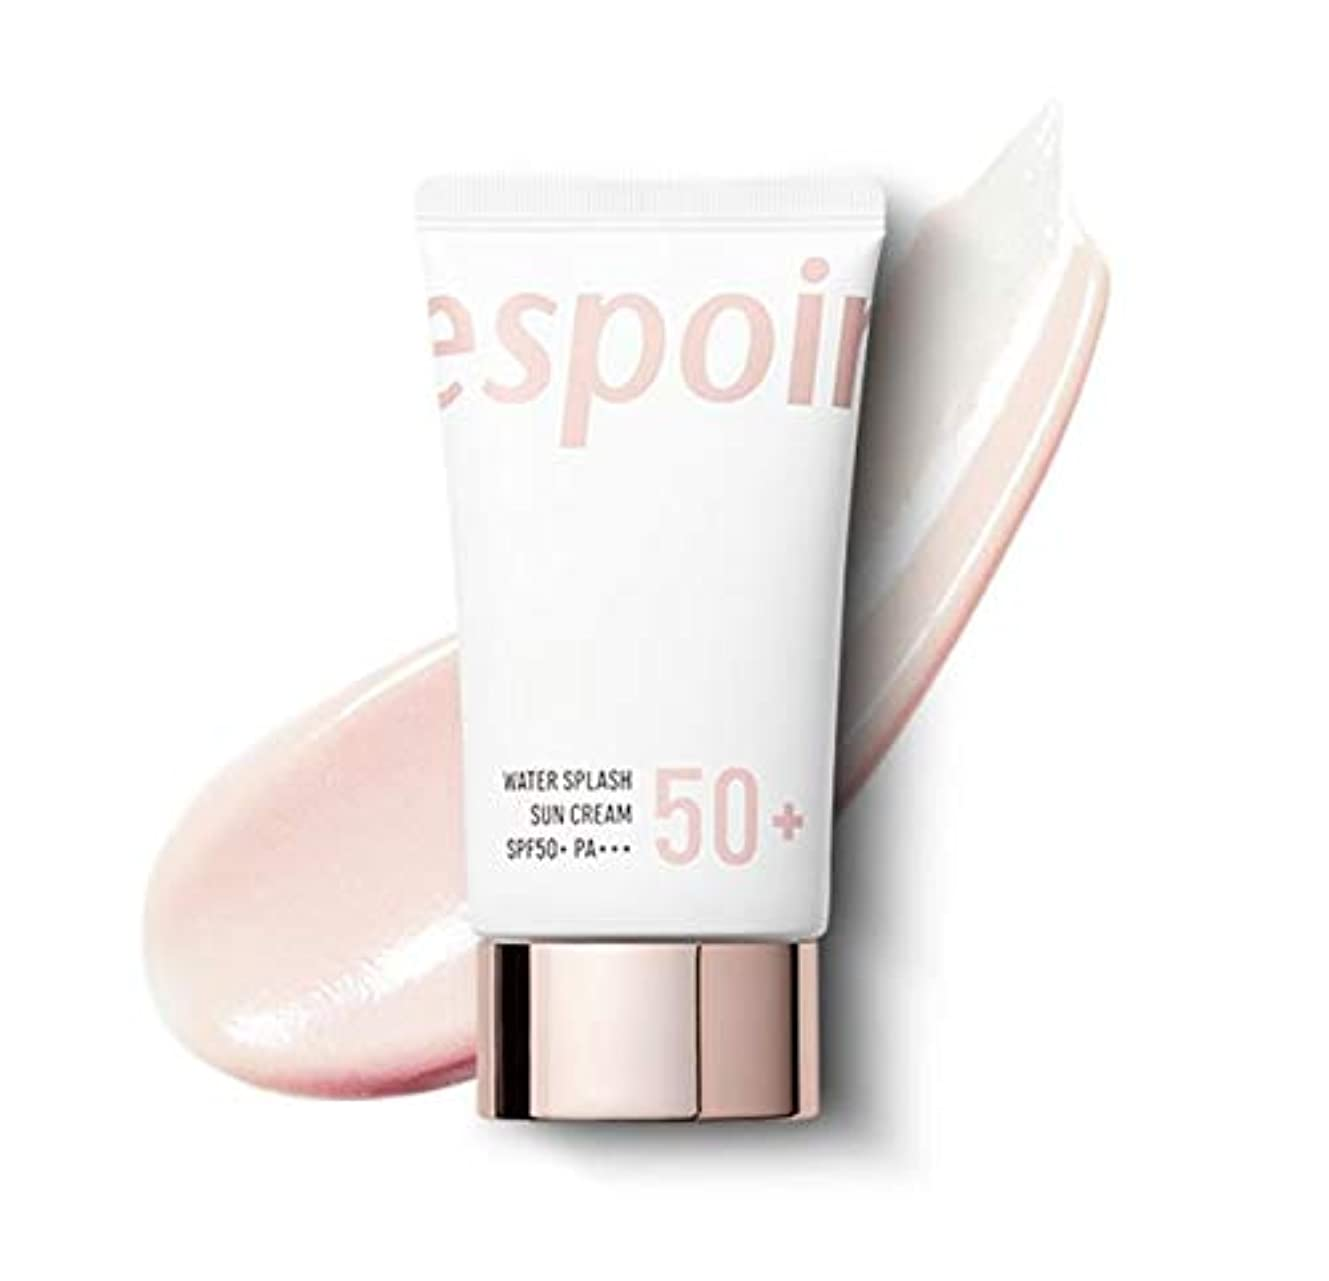 飛行機要求する辛いeSpoir Water Splash Sun Cream SPF50+PA+++ (R) / エスポワール ウォータースプラッシュ サンクリーム 60ml [並行輸入品]